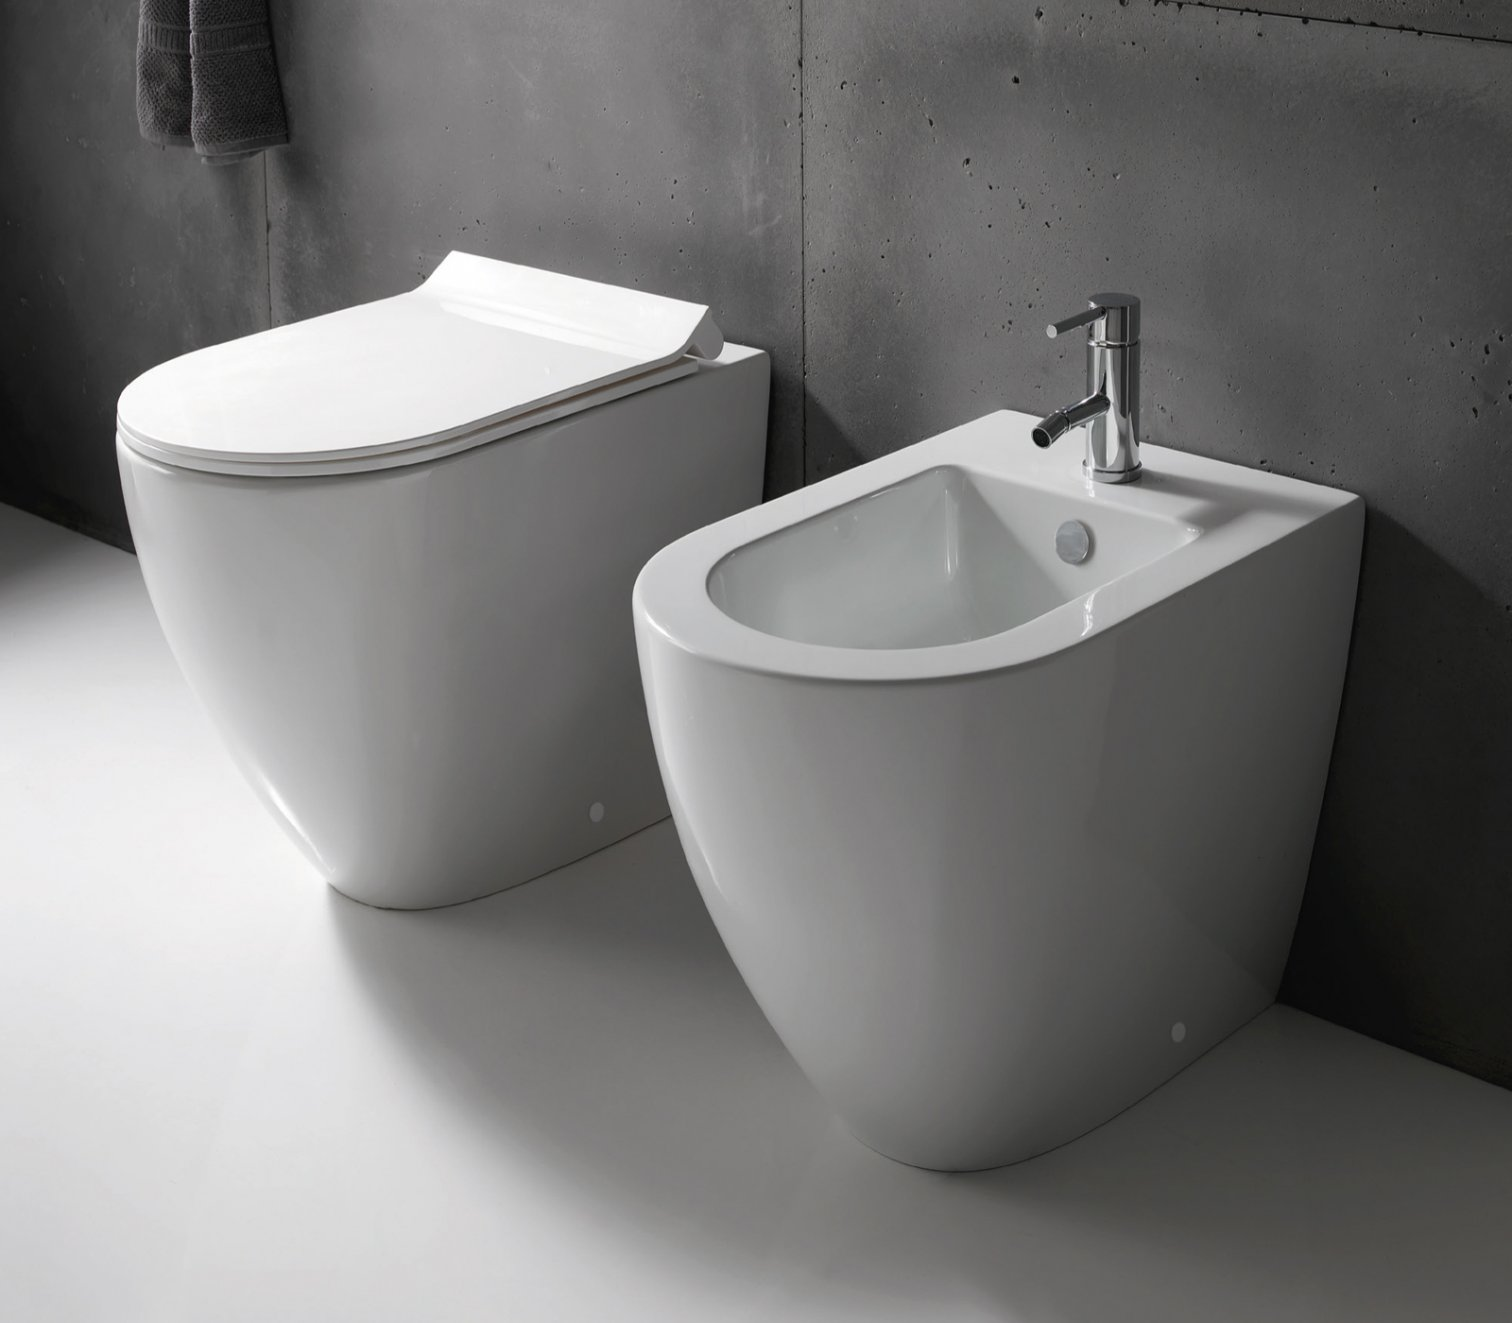 Galassia, Dream Sanitaryware